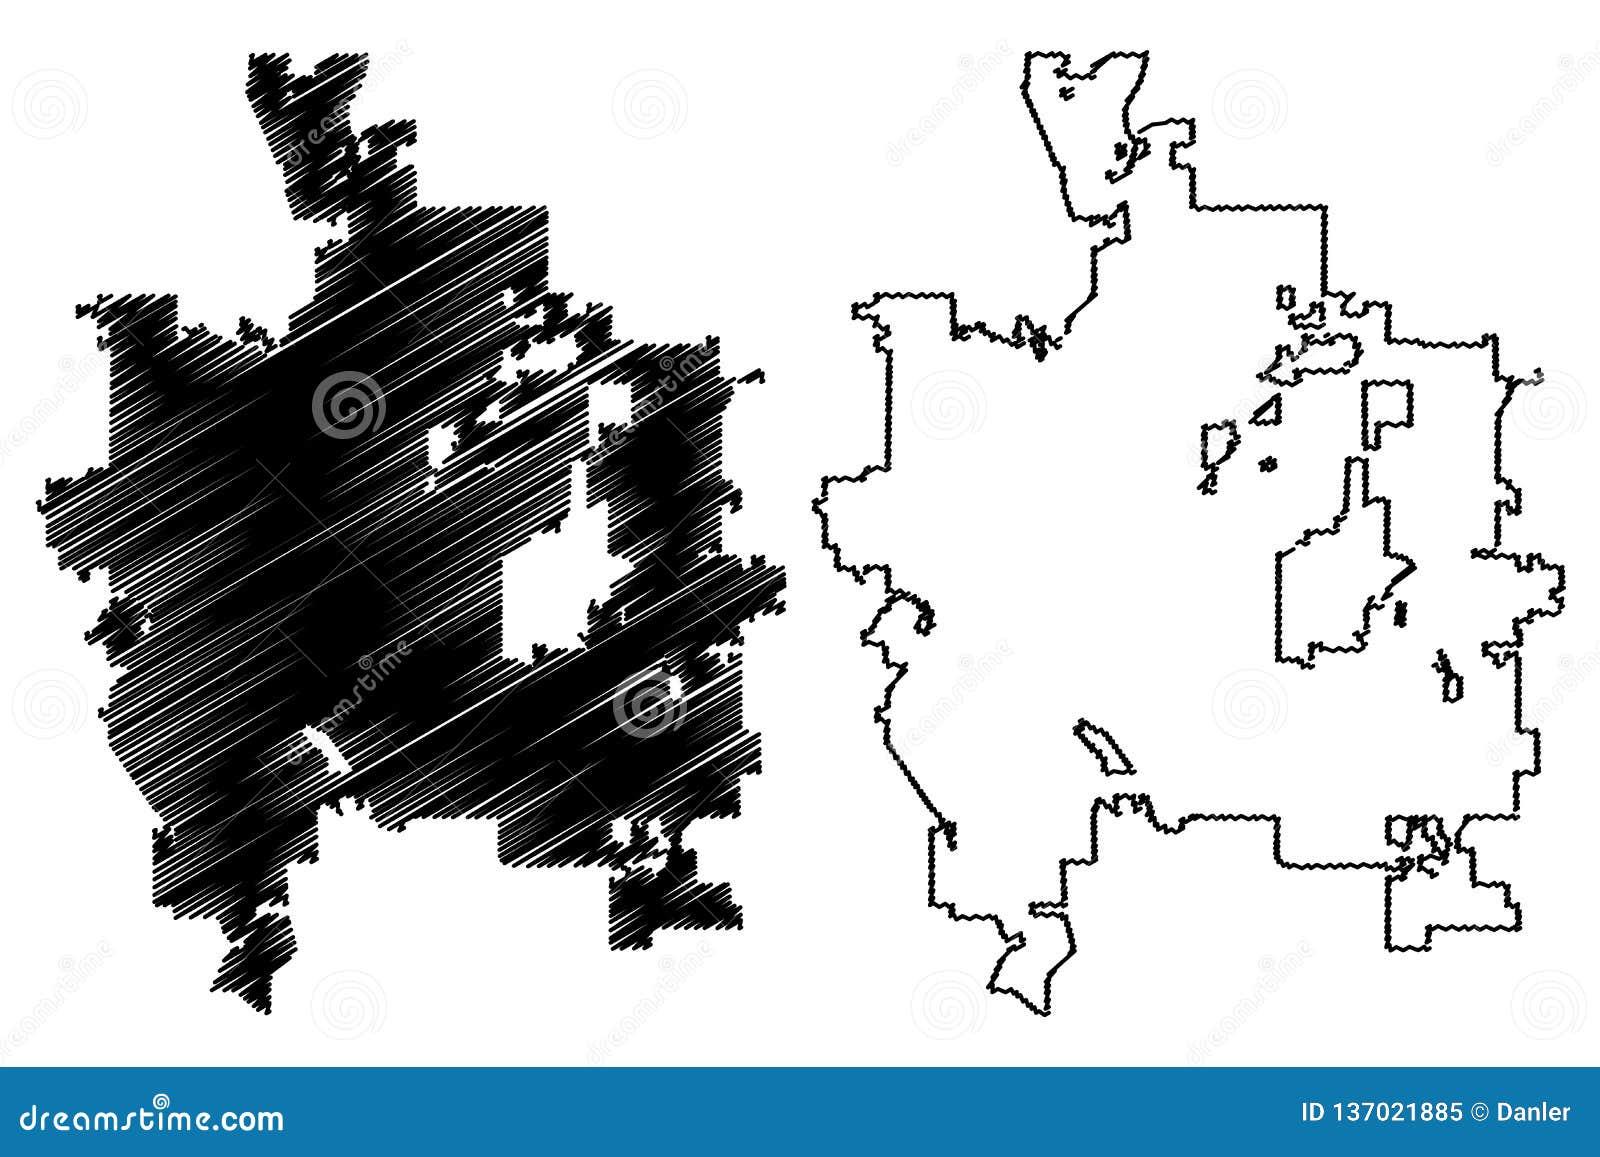 City Of Colorado Springs >> Colorado Springs City Map Vector Stock Vector Illustration